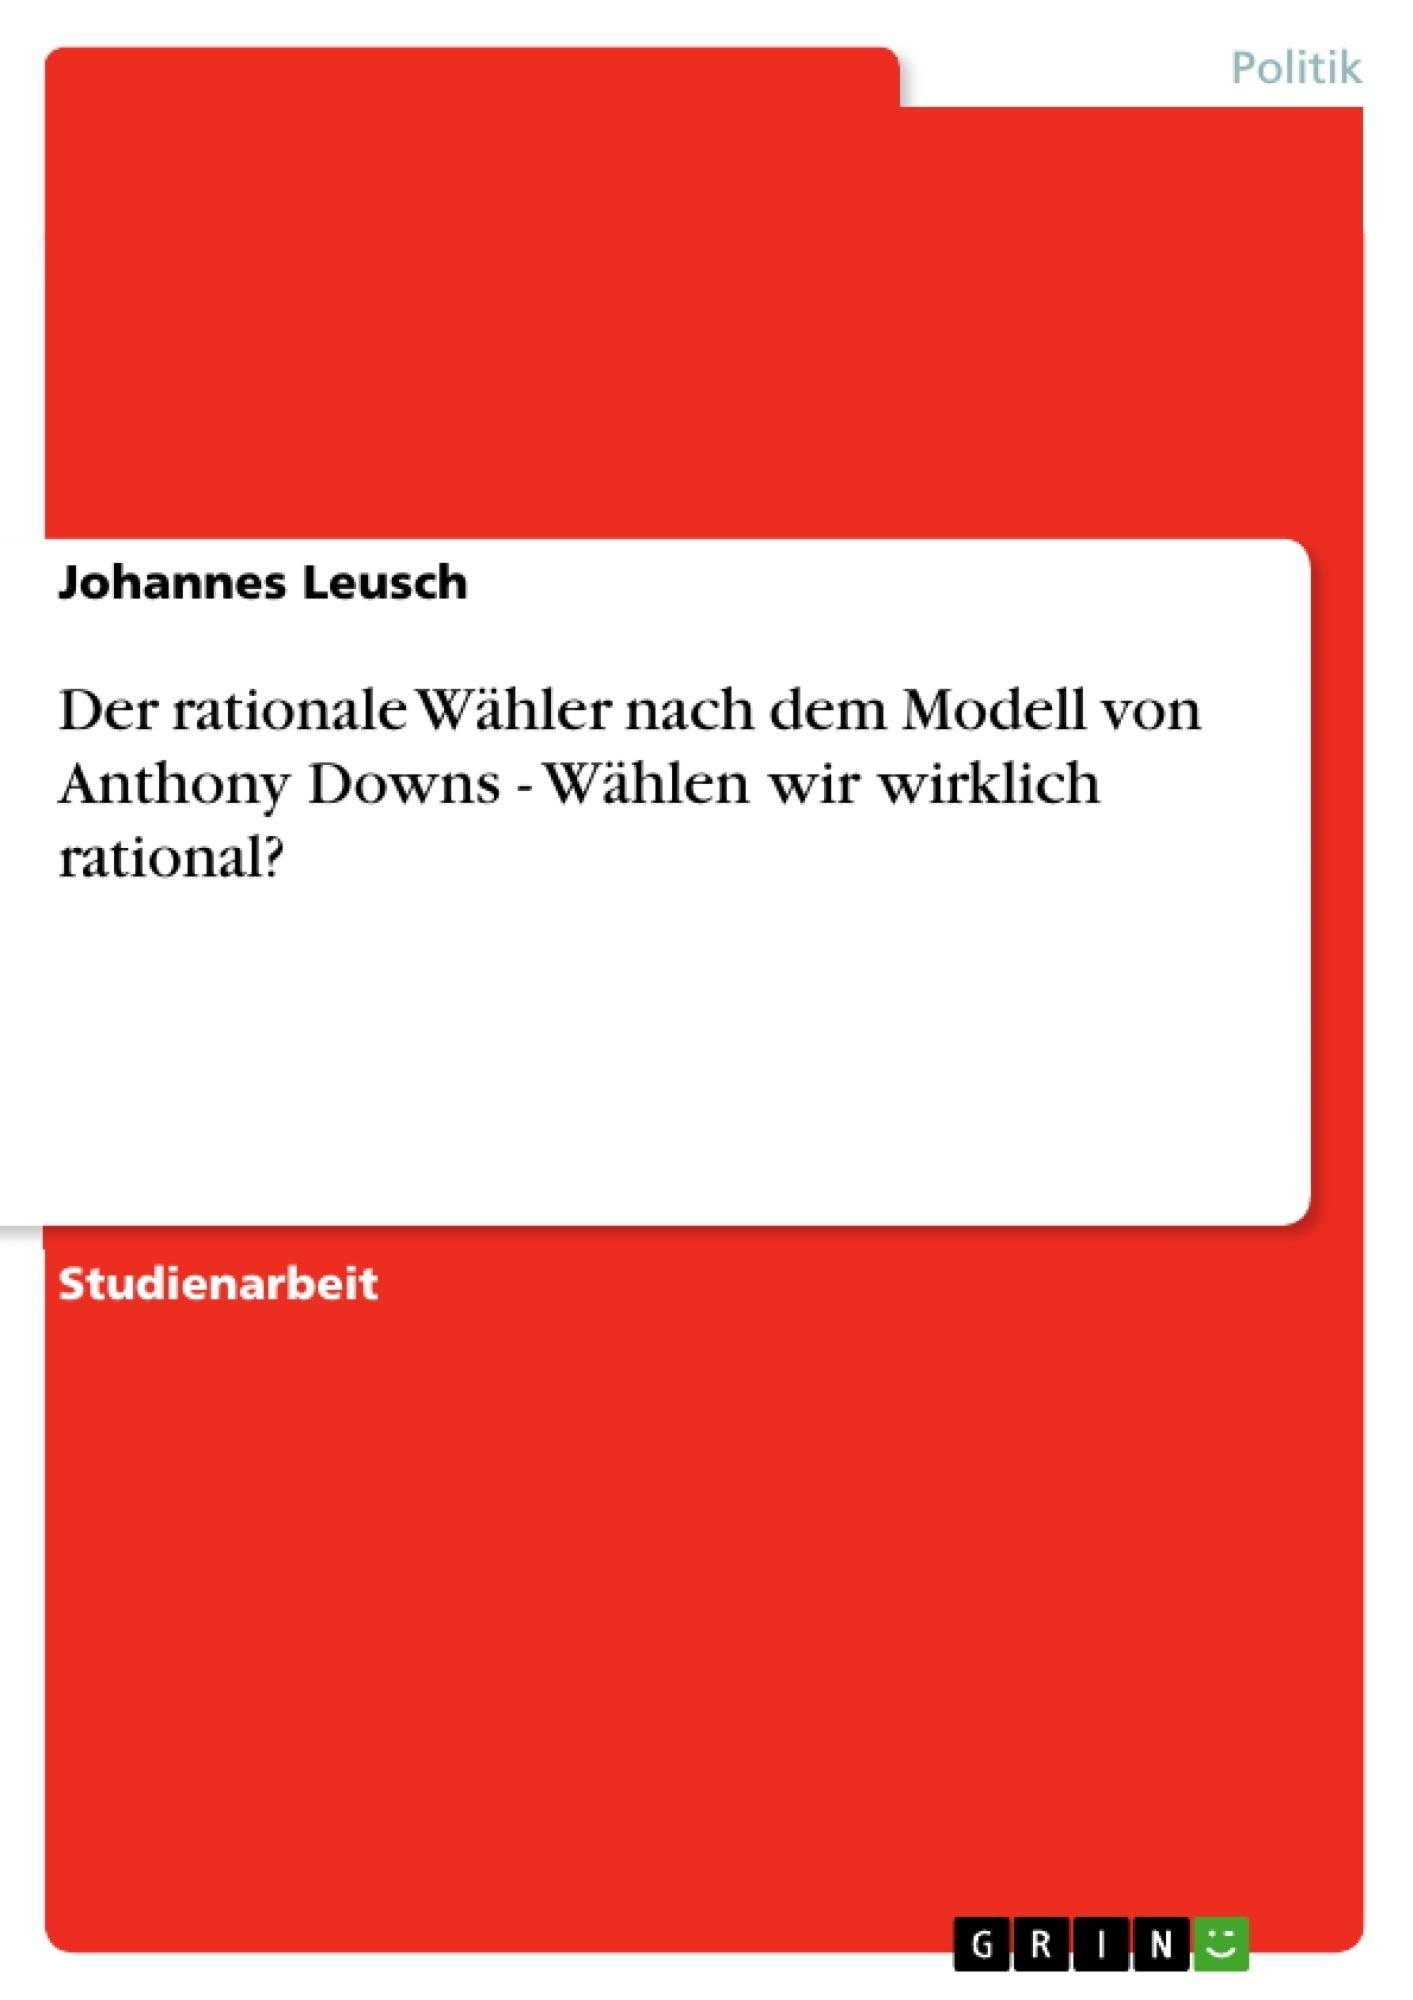 Titel: Der rationale Wähler nach dem Modell von Anthony Downs - Wählen wir wirklich rational?